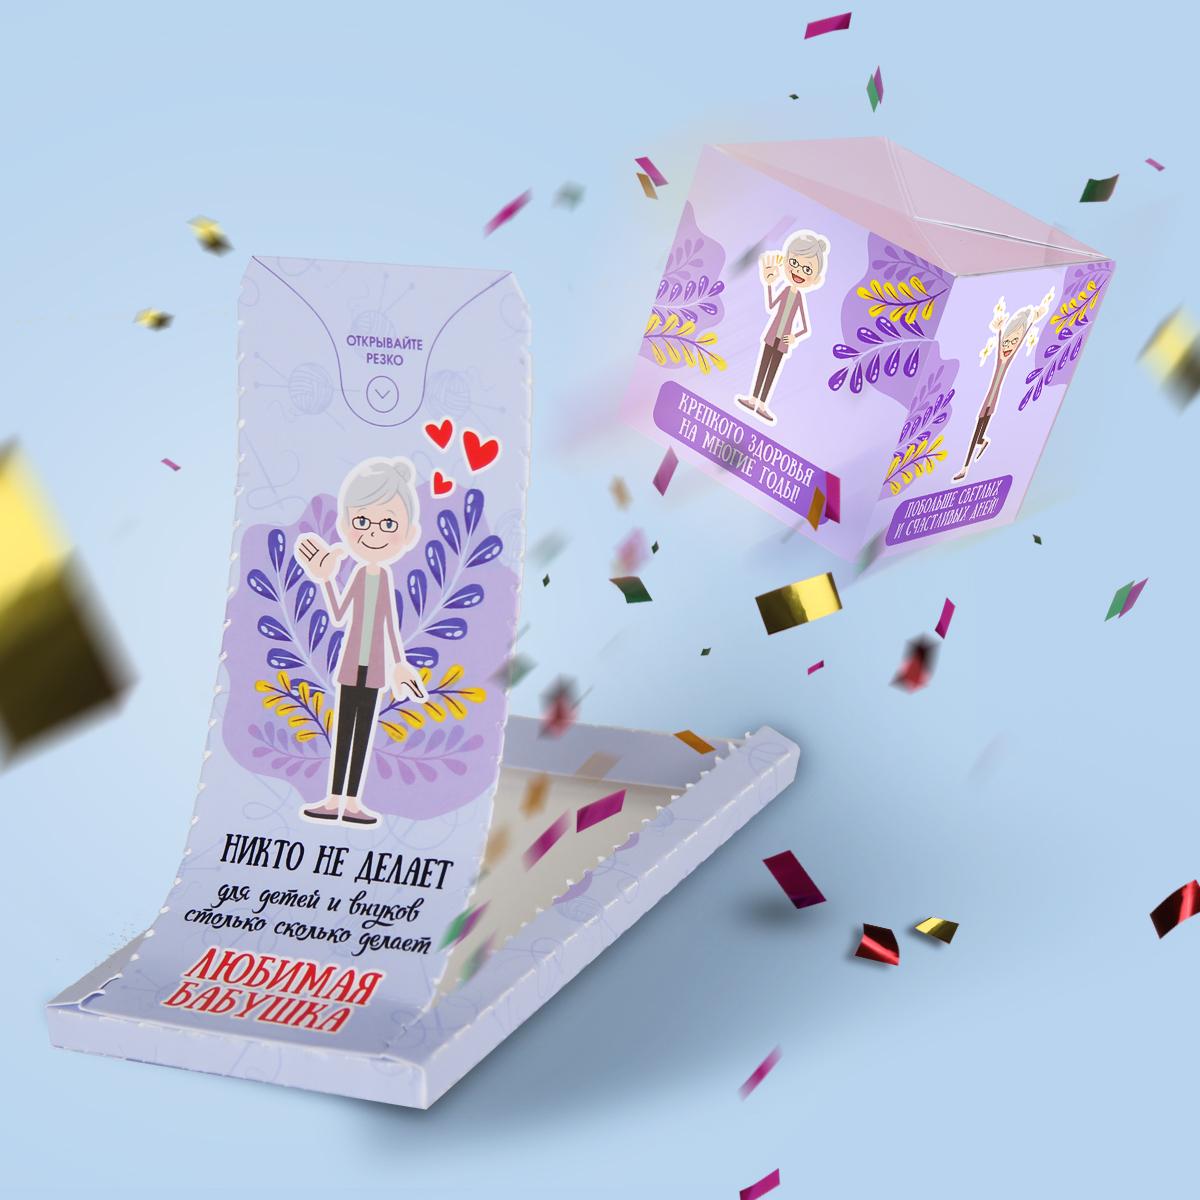 """Бум- открытка с конфетти """"Любимая бабушка"""" в подарок бабушке на День рождения, юбилей, Новый Год, 8 марта - Notta & Belle"""